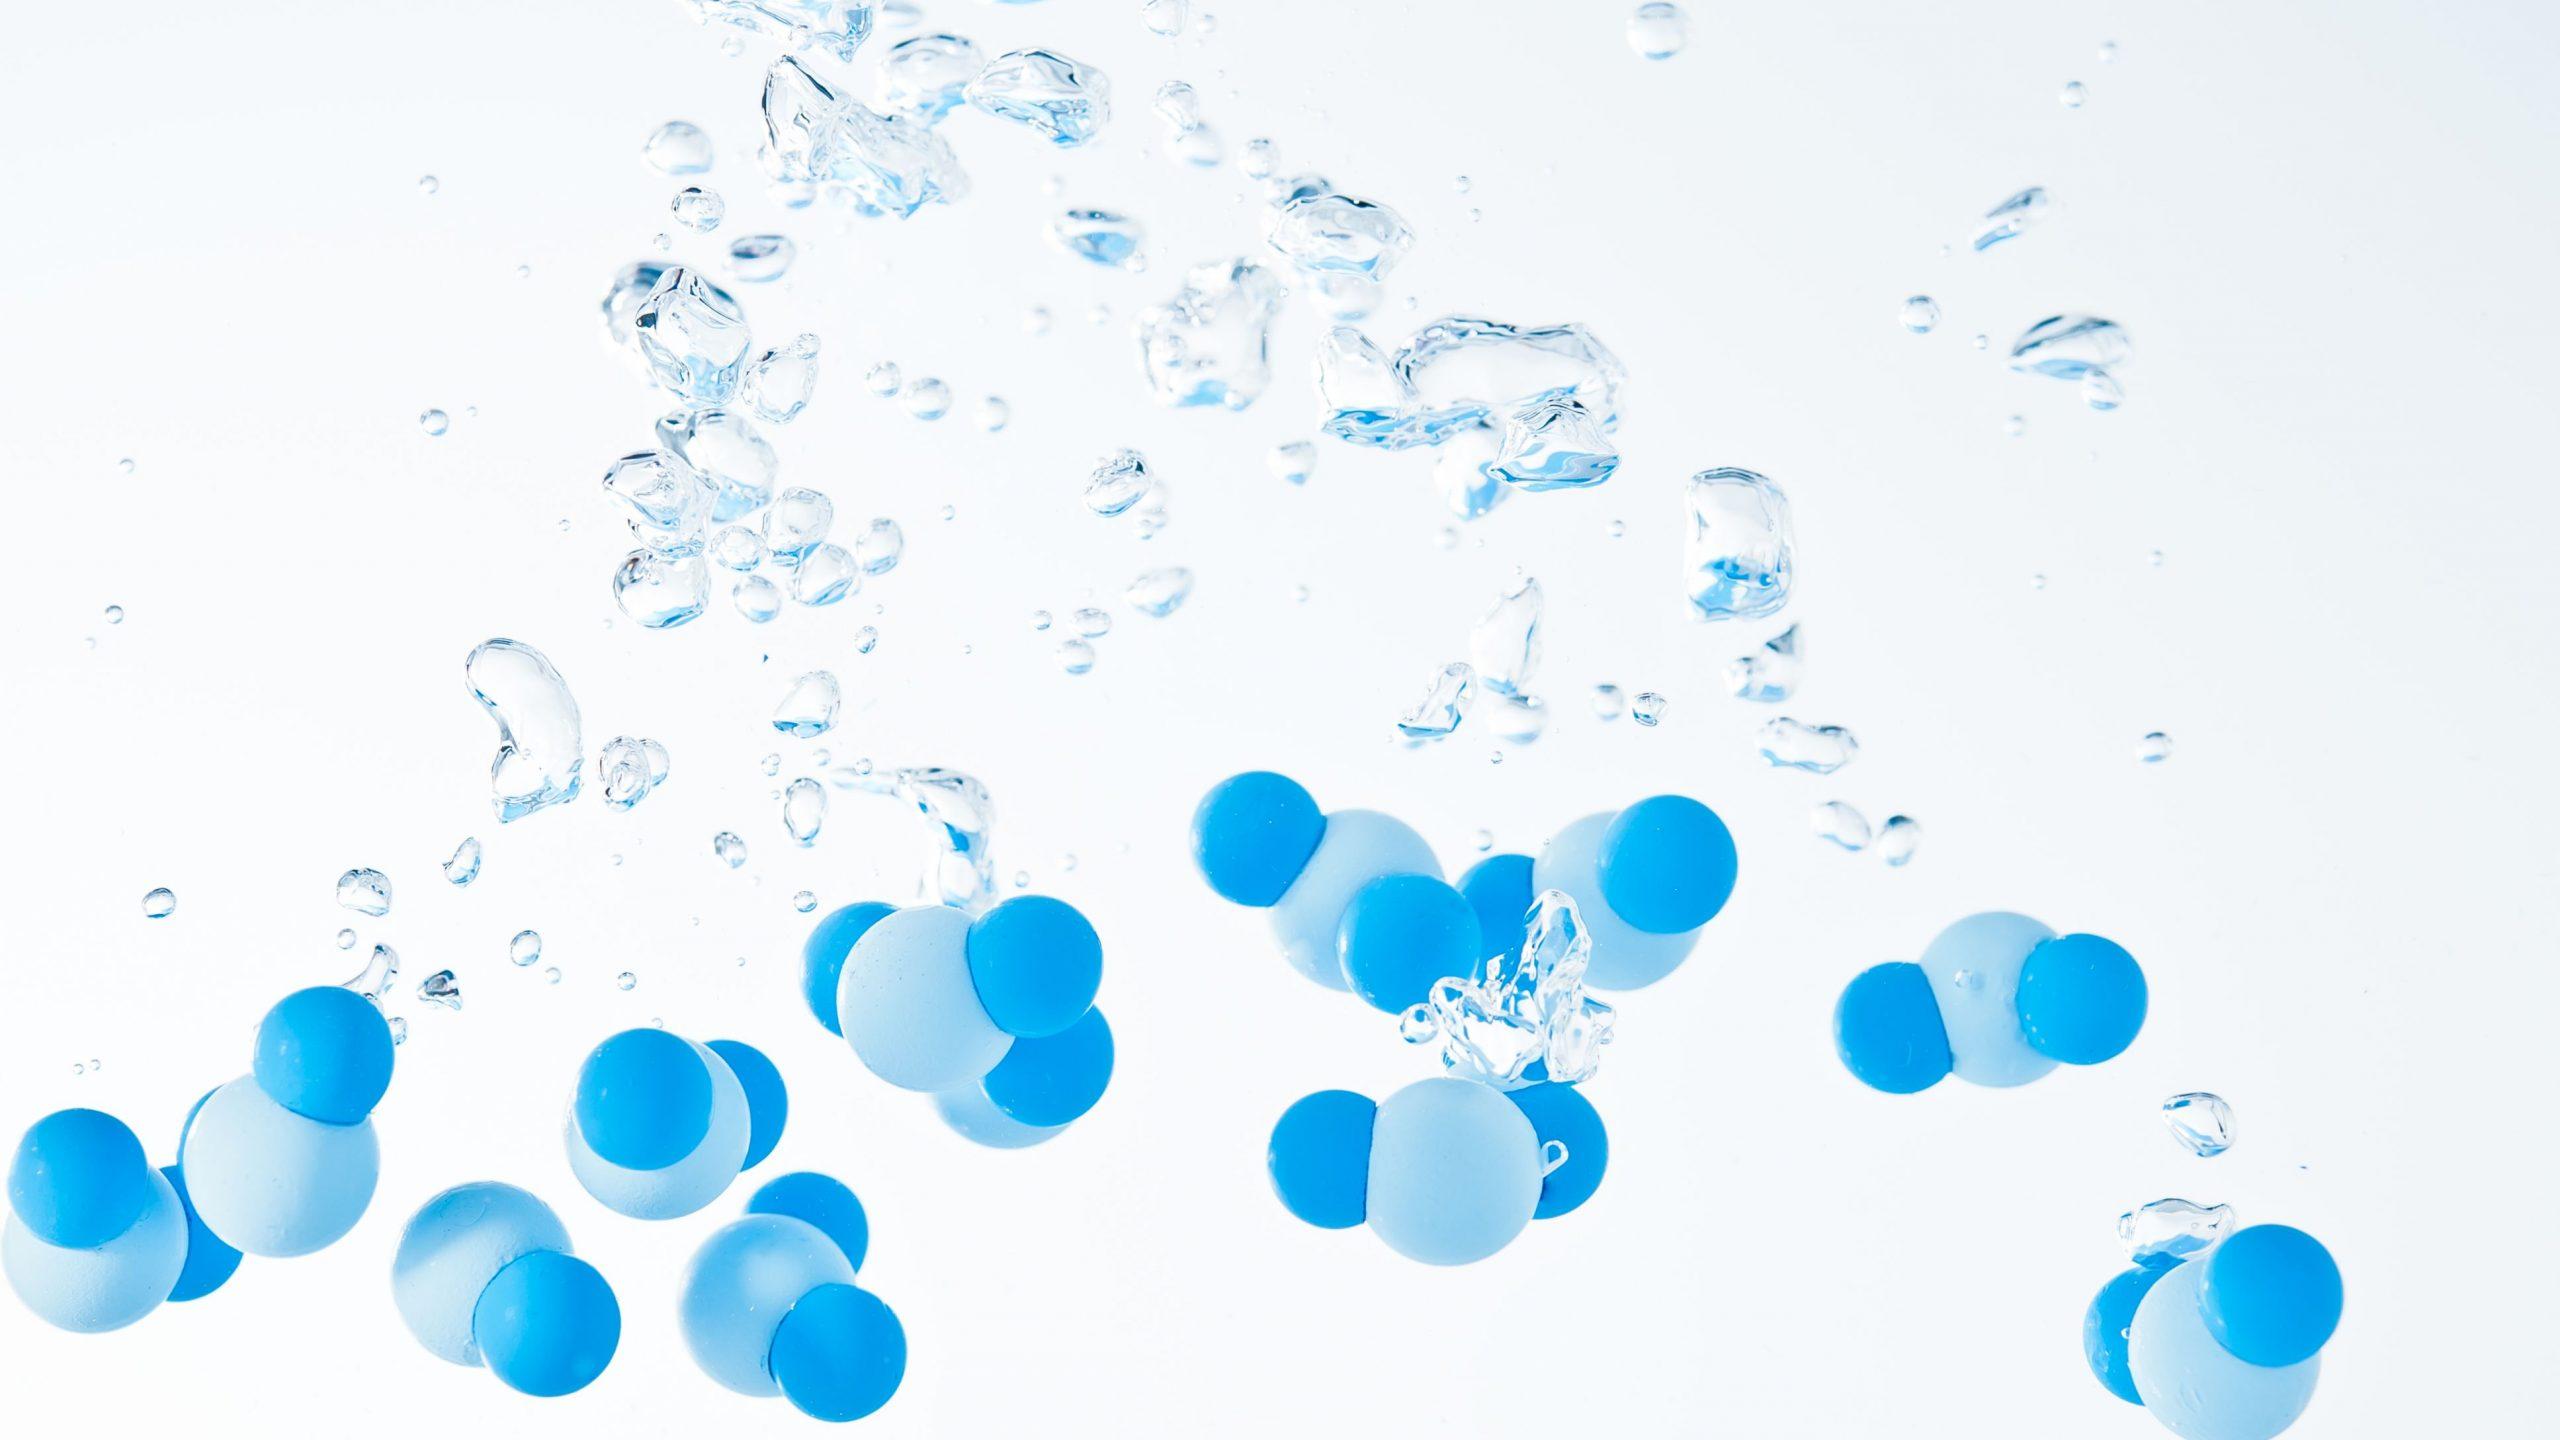 يتكون الماء من الهيدروجين كيف اصنف الماء وفق النظريات العلمية وما هي خصائص الماء وتركيبه